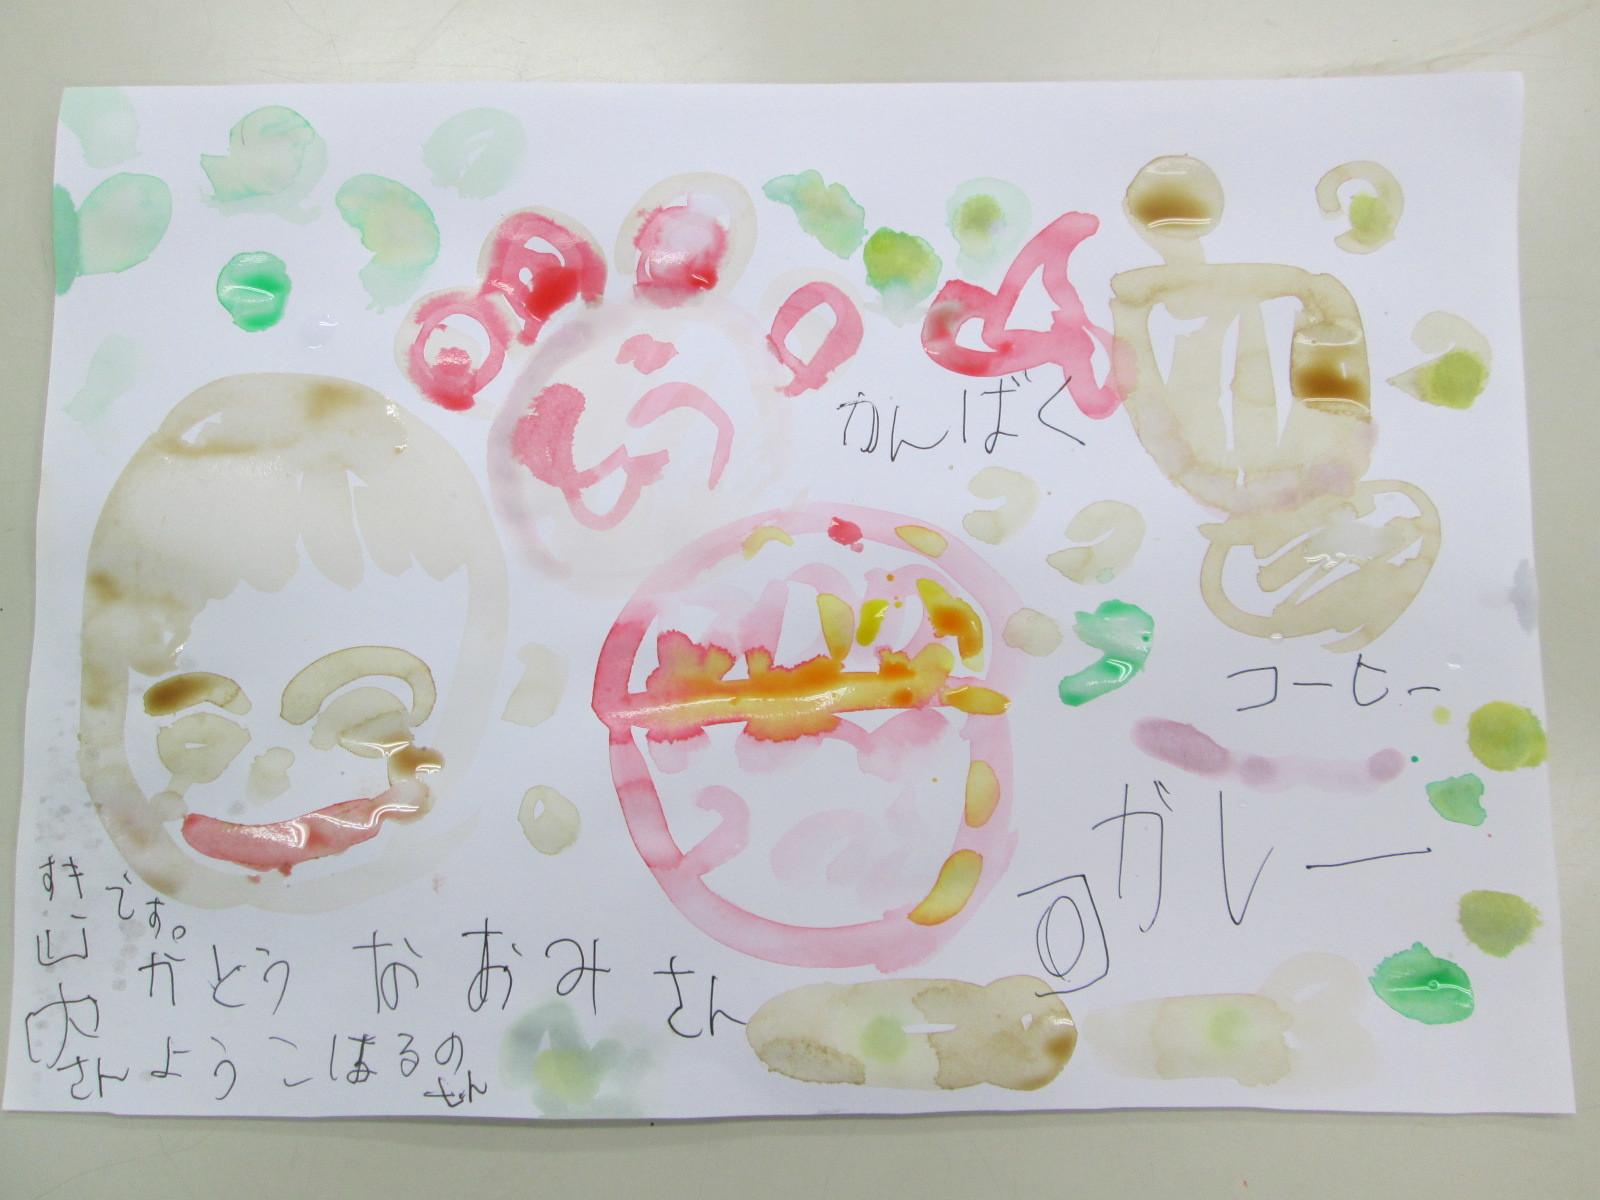 しょうゆや調味料、変なもので描く_e0167771_14362685.jpg